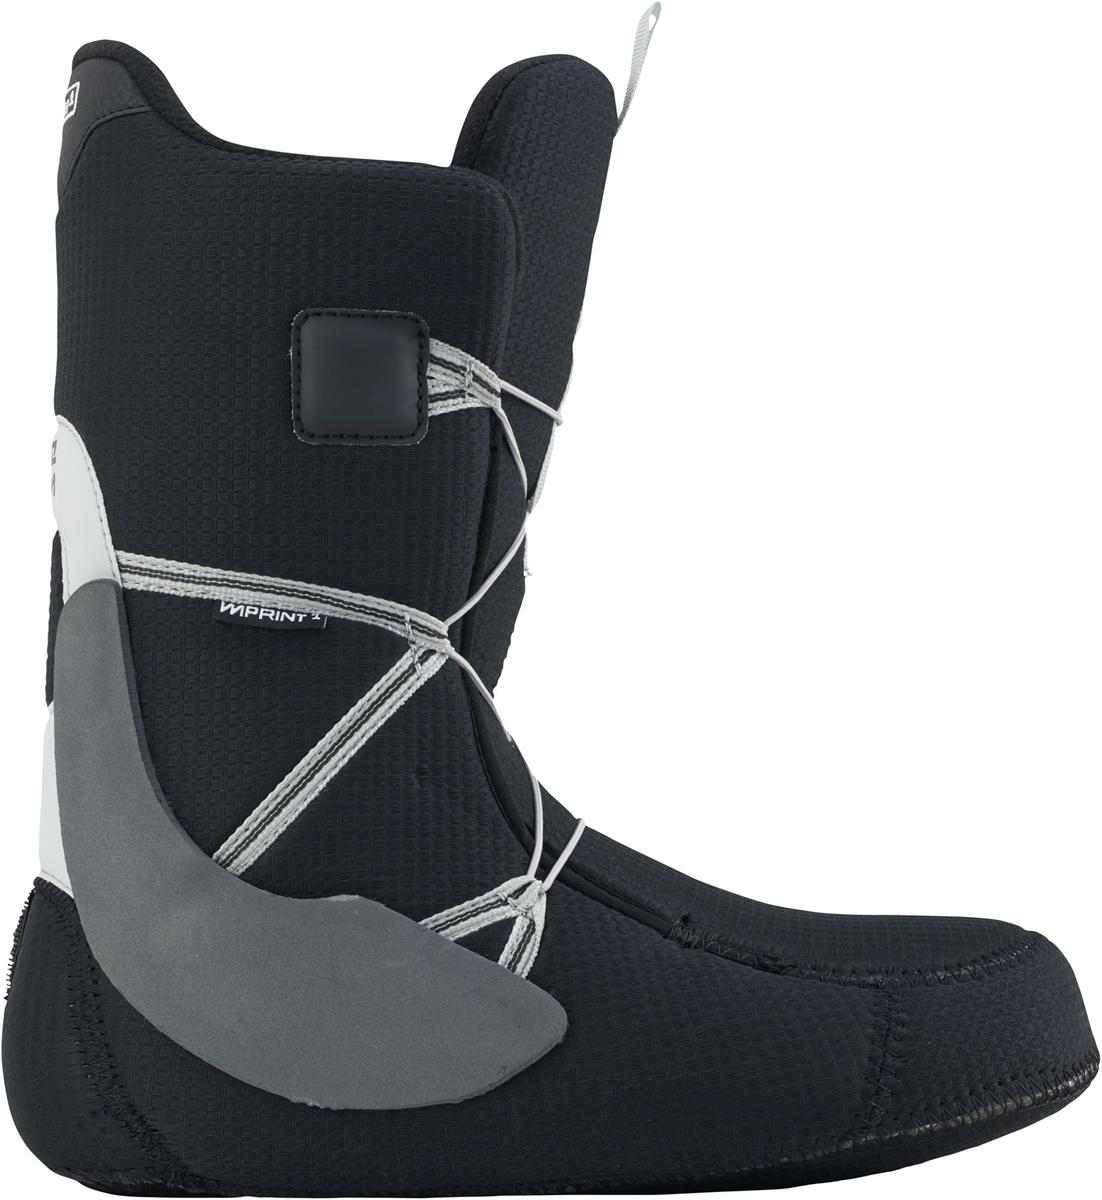 Эти ботинки подойдут не только новичкам, но прогрессирующим райдерам. Достаточно мягкие ботинки с гибким язычком обеспечат максимальную свободу движений во время катания и выполнения трюков. Стелька из вспененного материала EVA в сочетании c виброгасящими вставками подошвы Dynolite позволит ноге отлично чувствовать себя даже во время жестких приземлений.  Total Comfort Construction: конструкция этих ботинок предполагает удобство ношения с первого дня без дополнительной подгонки ботинка.  Технология Snow-Proof Internal Gusset защищает от попадания внутрь ботинка снега и влаги.  Виброгасящая стелька из вспененного материала EVA.  Традиционная шнуровка.  Мягкий и гибкий язычок.  Внутренник Imprint 1 с интегрированной шнуровкой.  Жесткость 2.      Как выбрать сноуборд. Статья OZON Гид